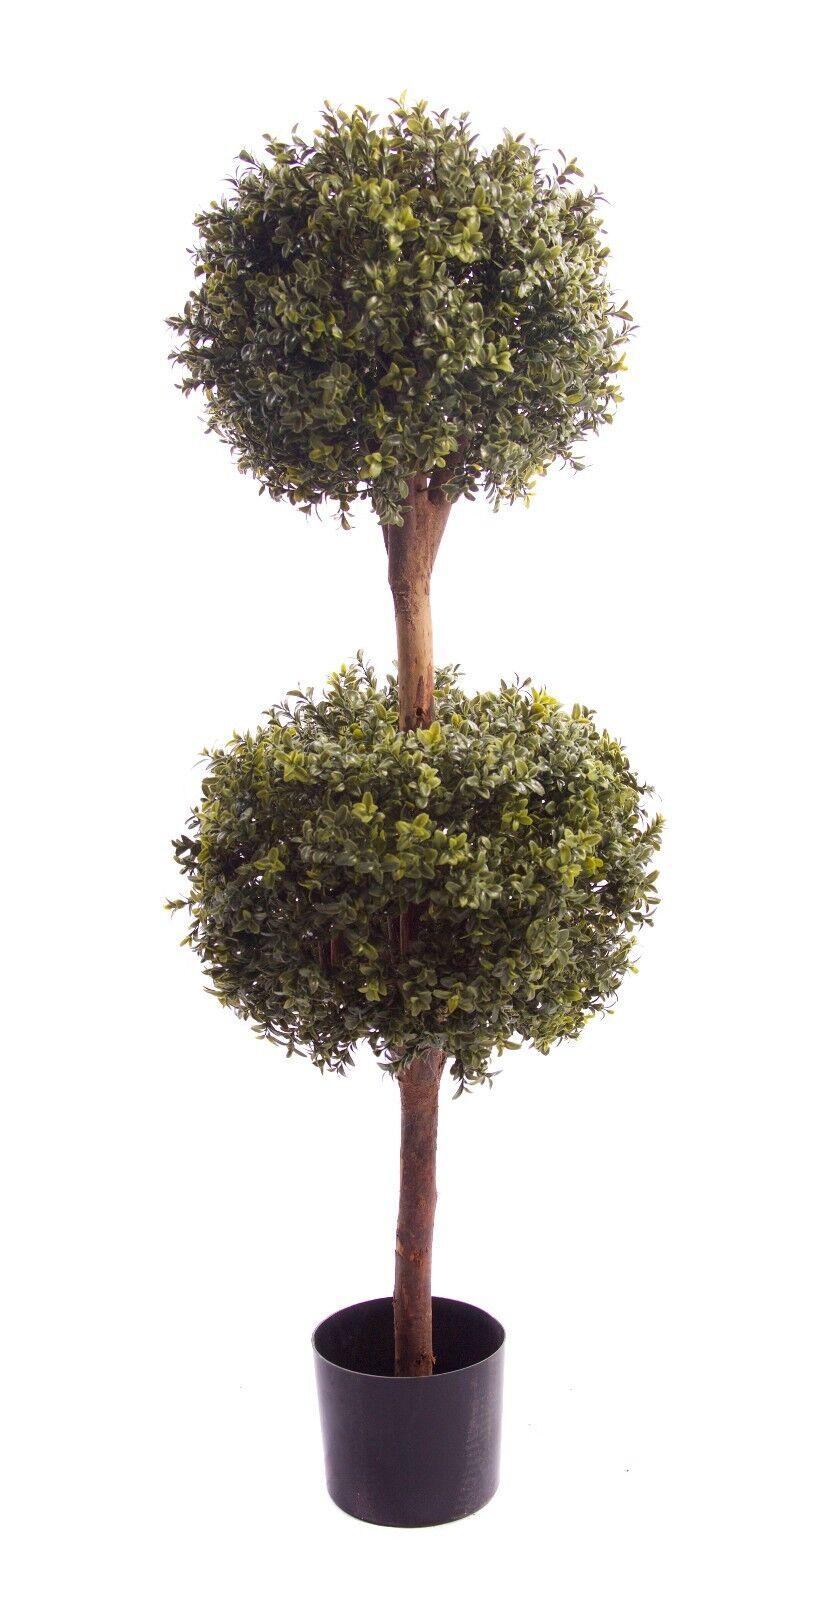 Migliore Artificiale Aspetto Naturale 4ft 120cm Bosso Arte Topiaria doppia palla albero di legno